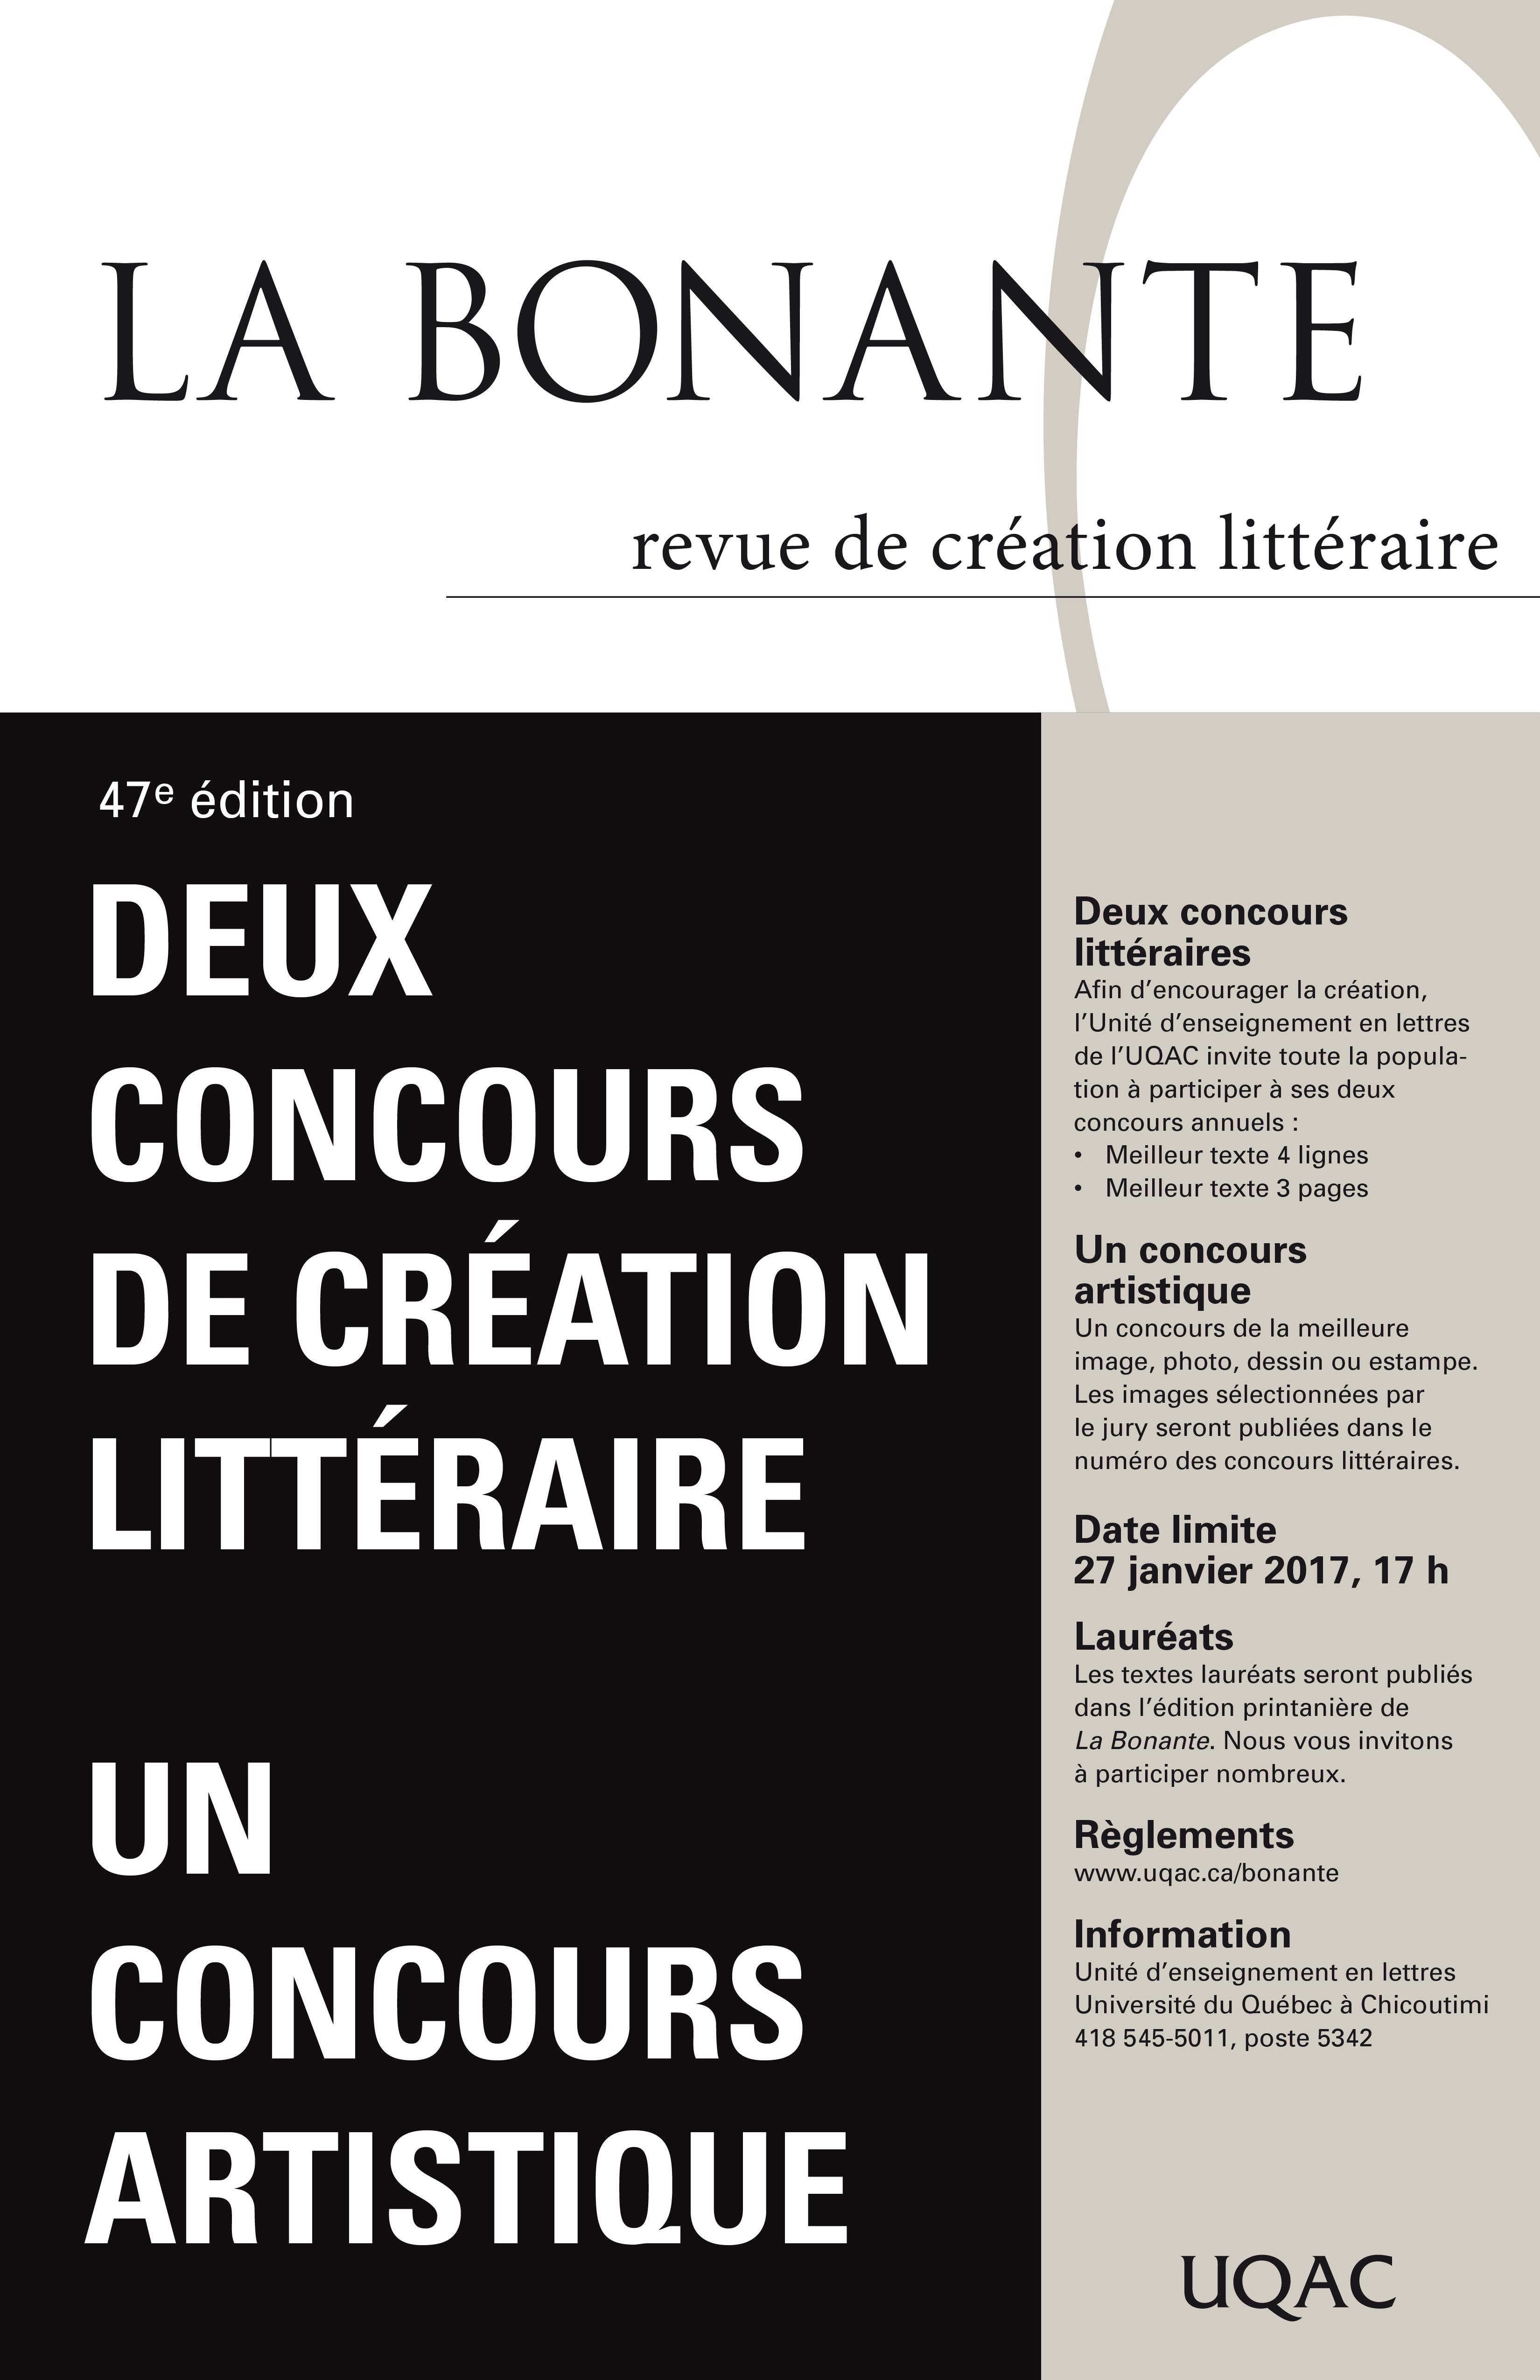 Lancement de la 47e édition de la Revue La Bonante